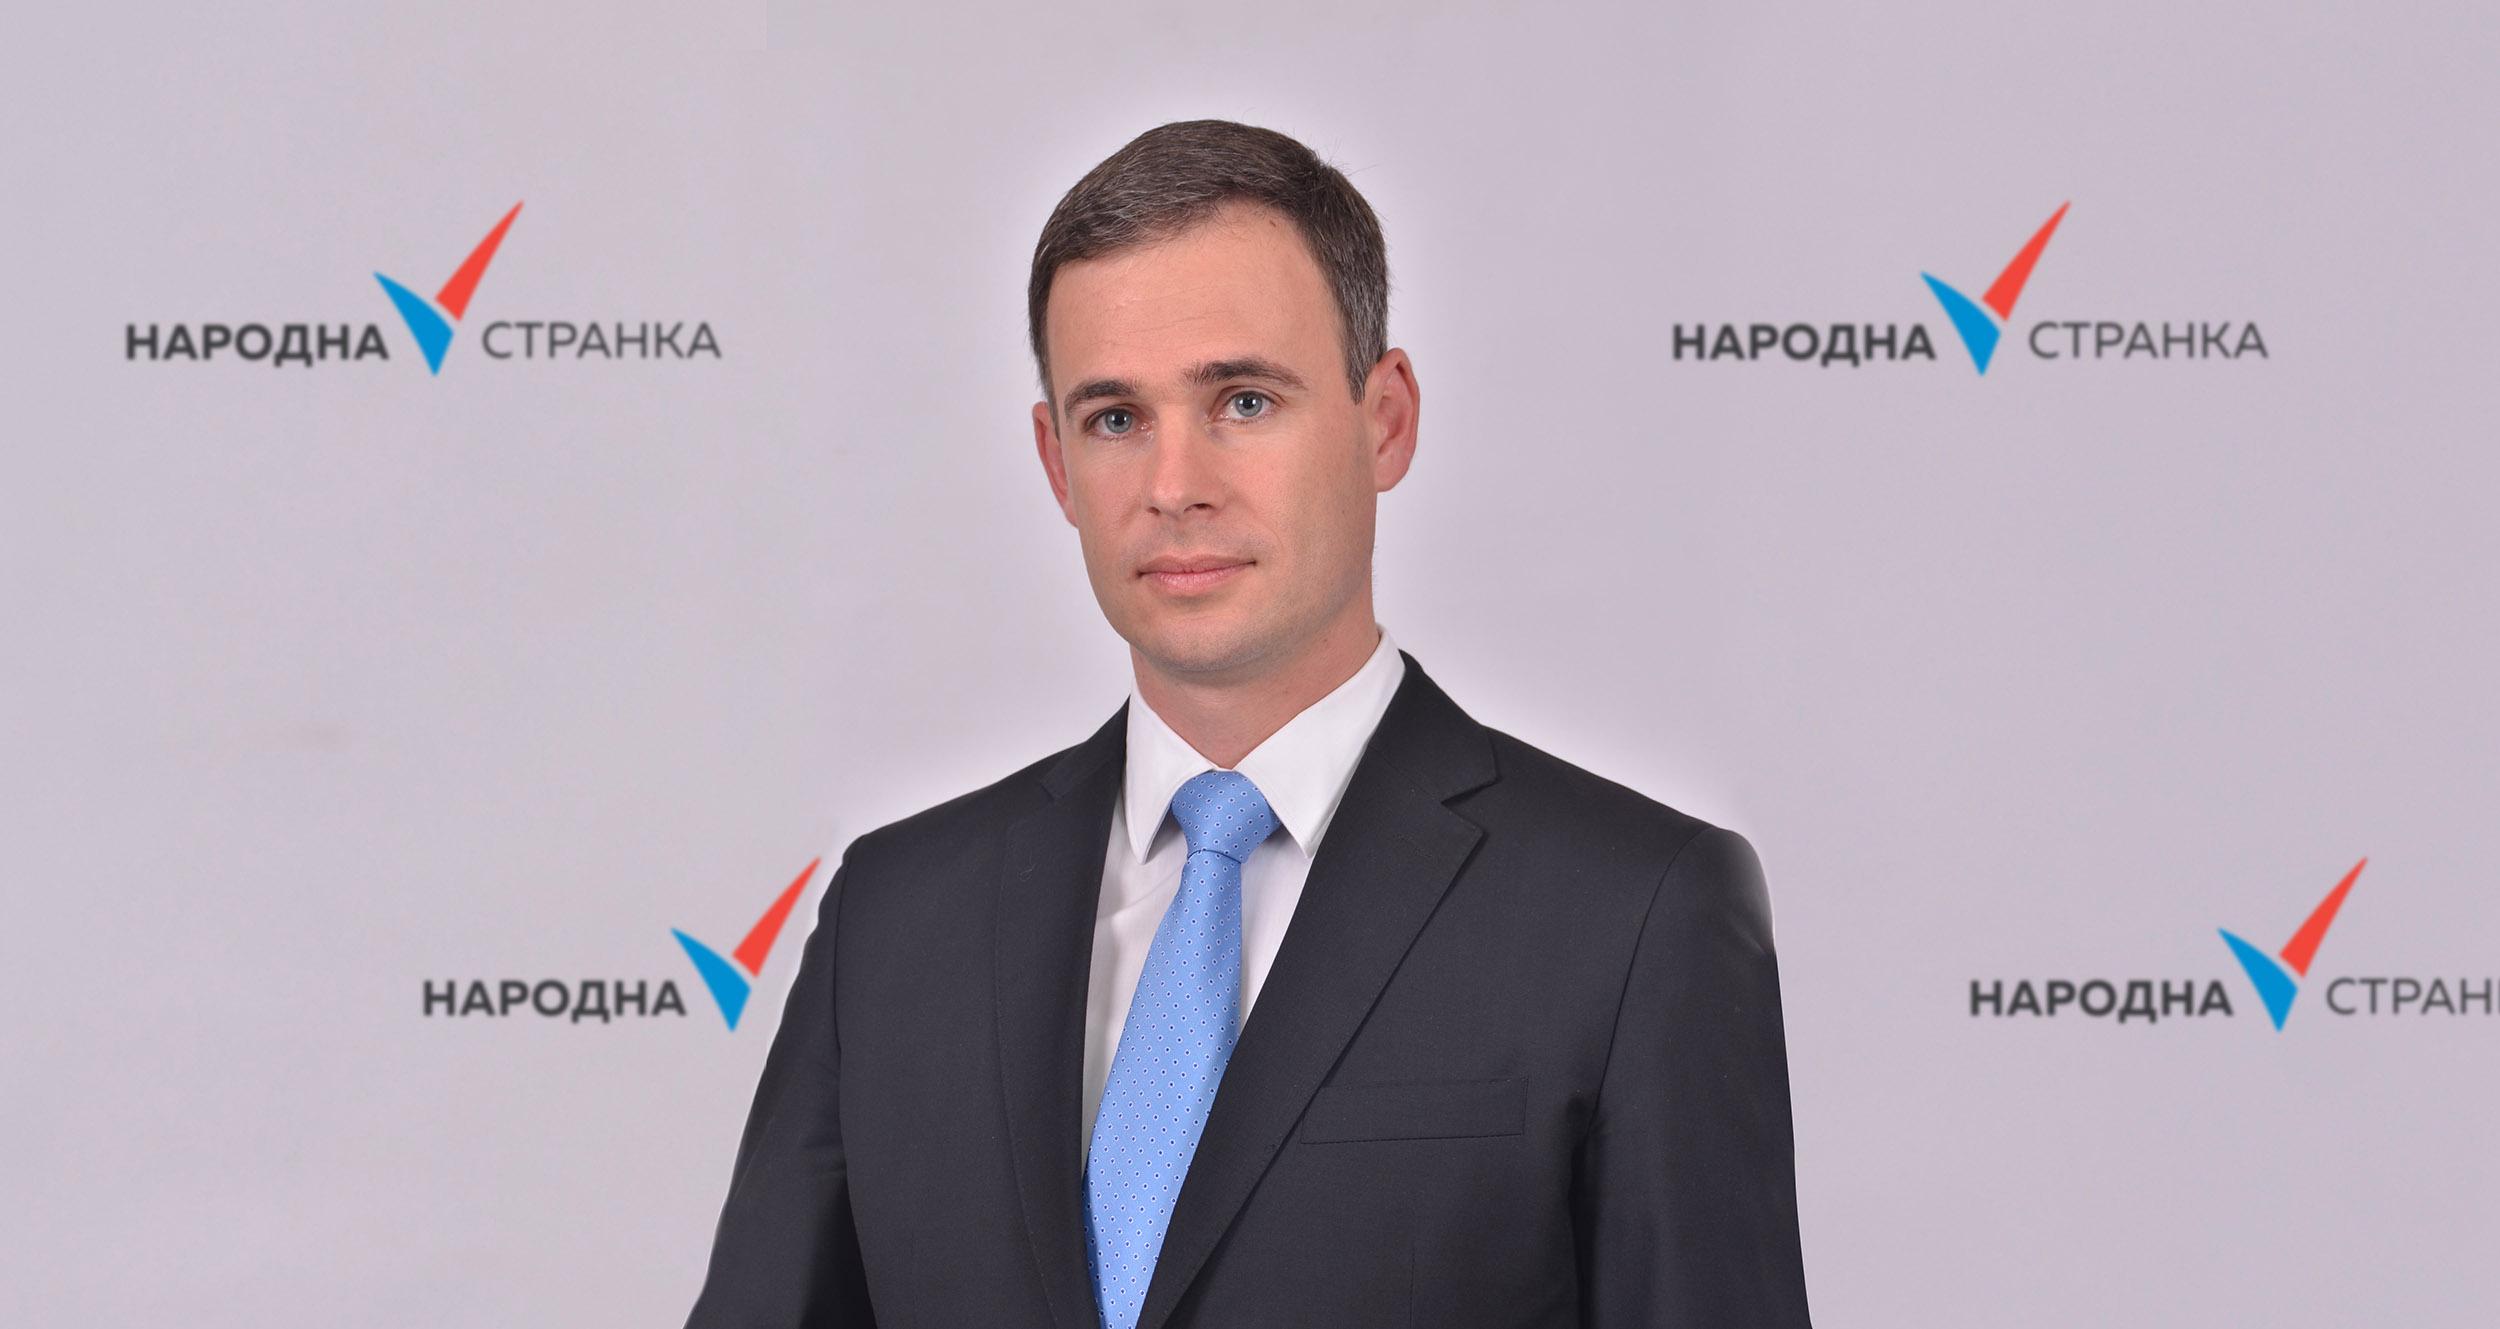 Алексић: Невиђена контрола медија у кампањи, власт крије истину од грађана